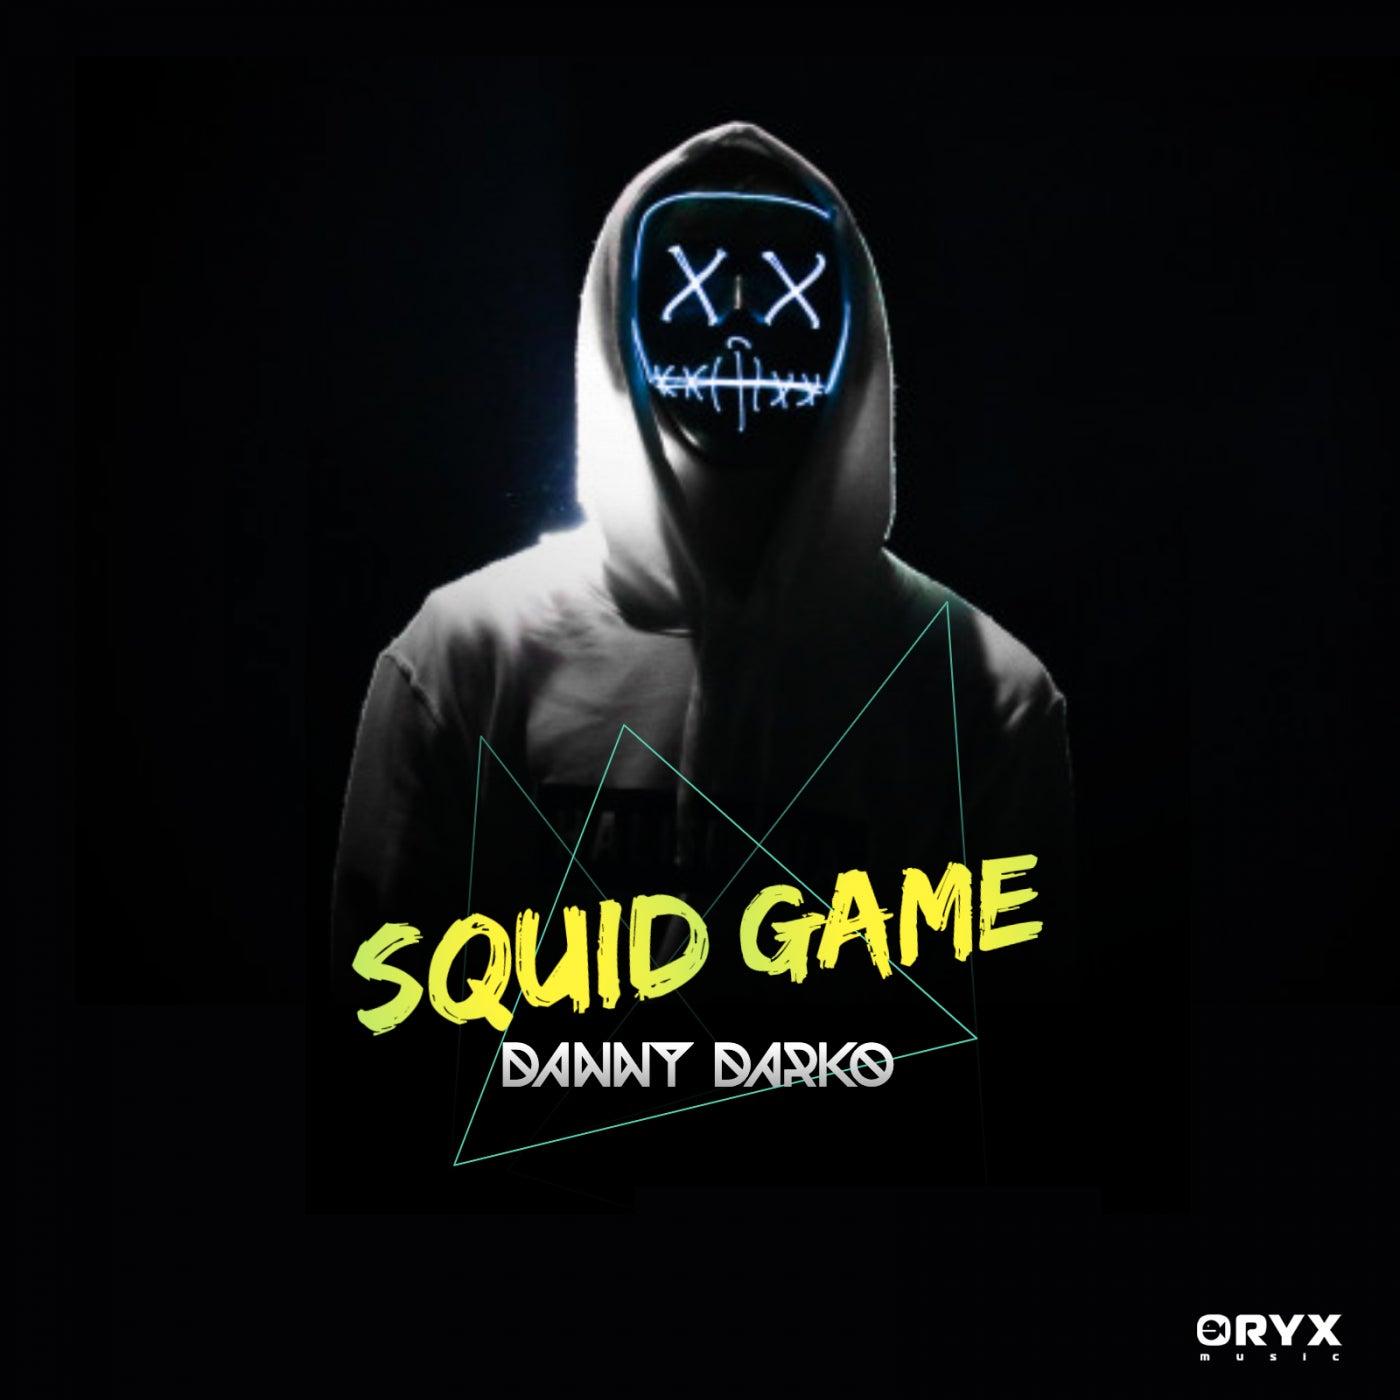 Squid Game (Original Mix)